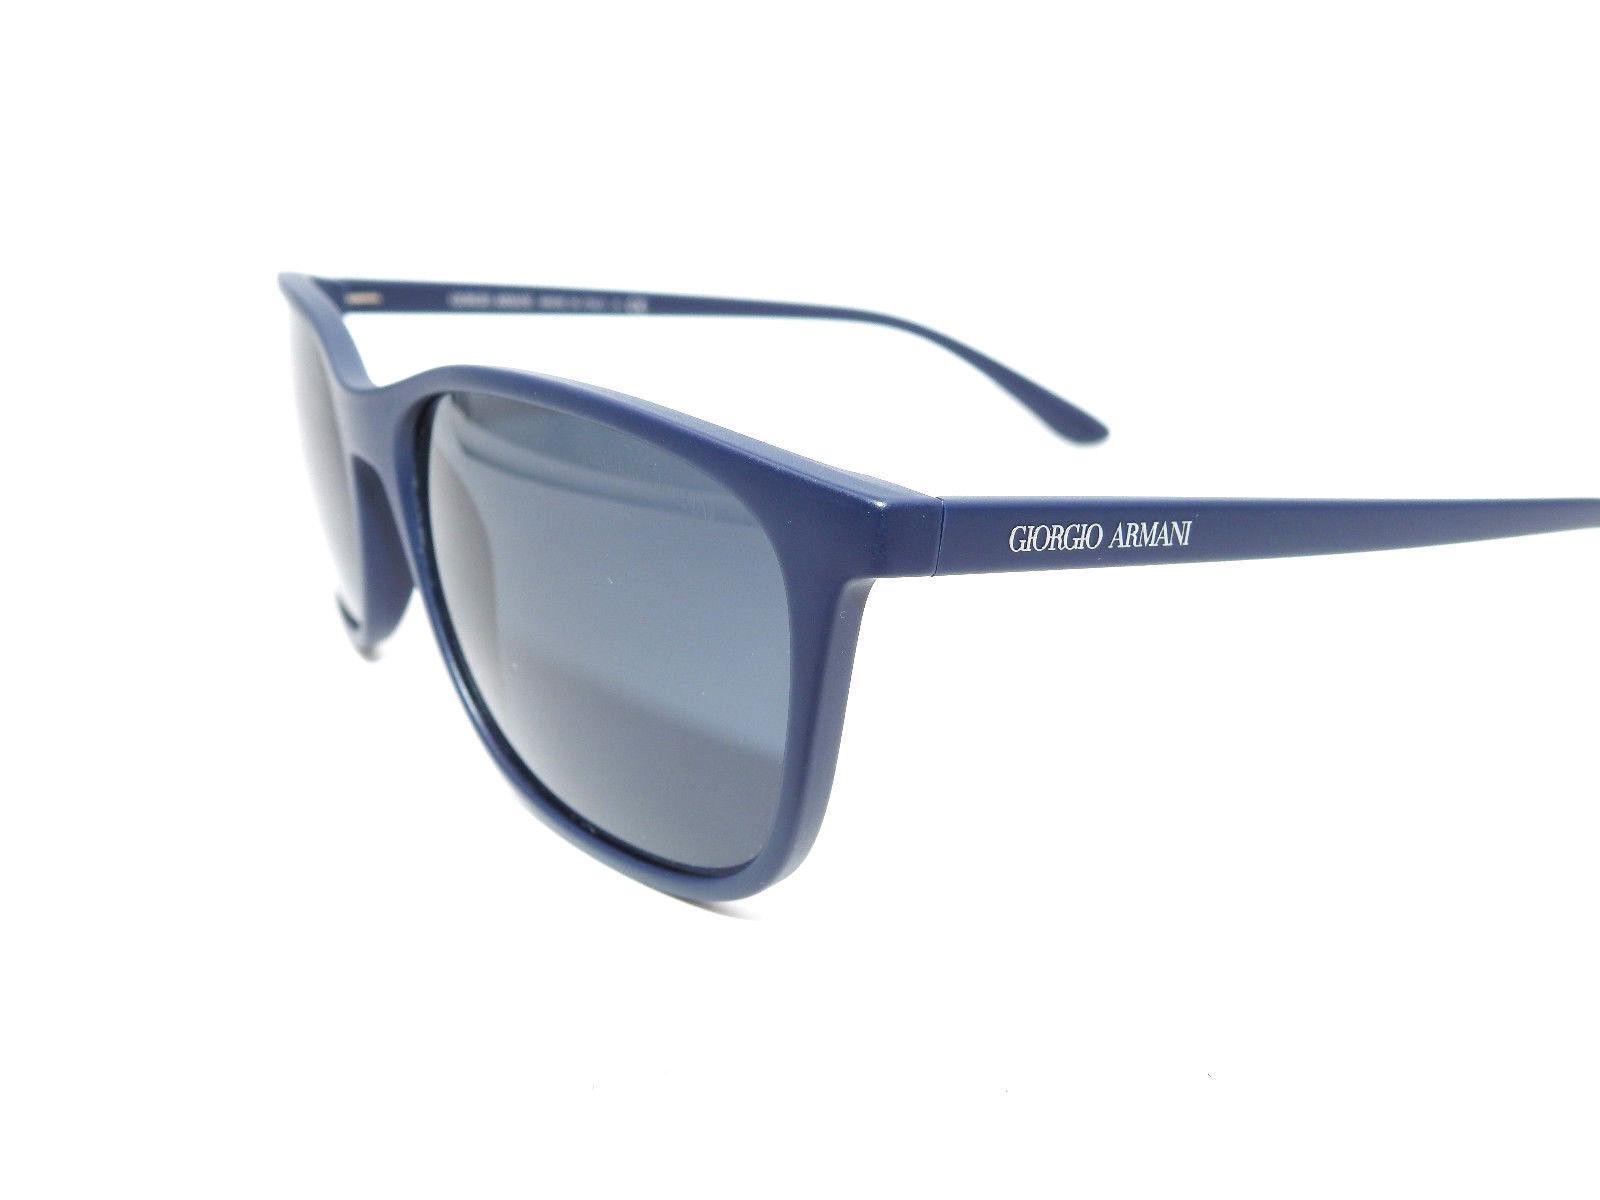 403c1713bbd Authentic Giorgio Armani Matte Blue Sunglasses Ar8084 - 505987 for ...